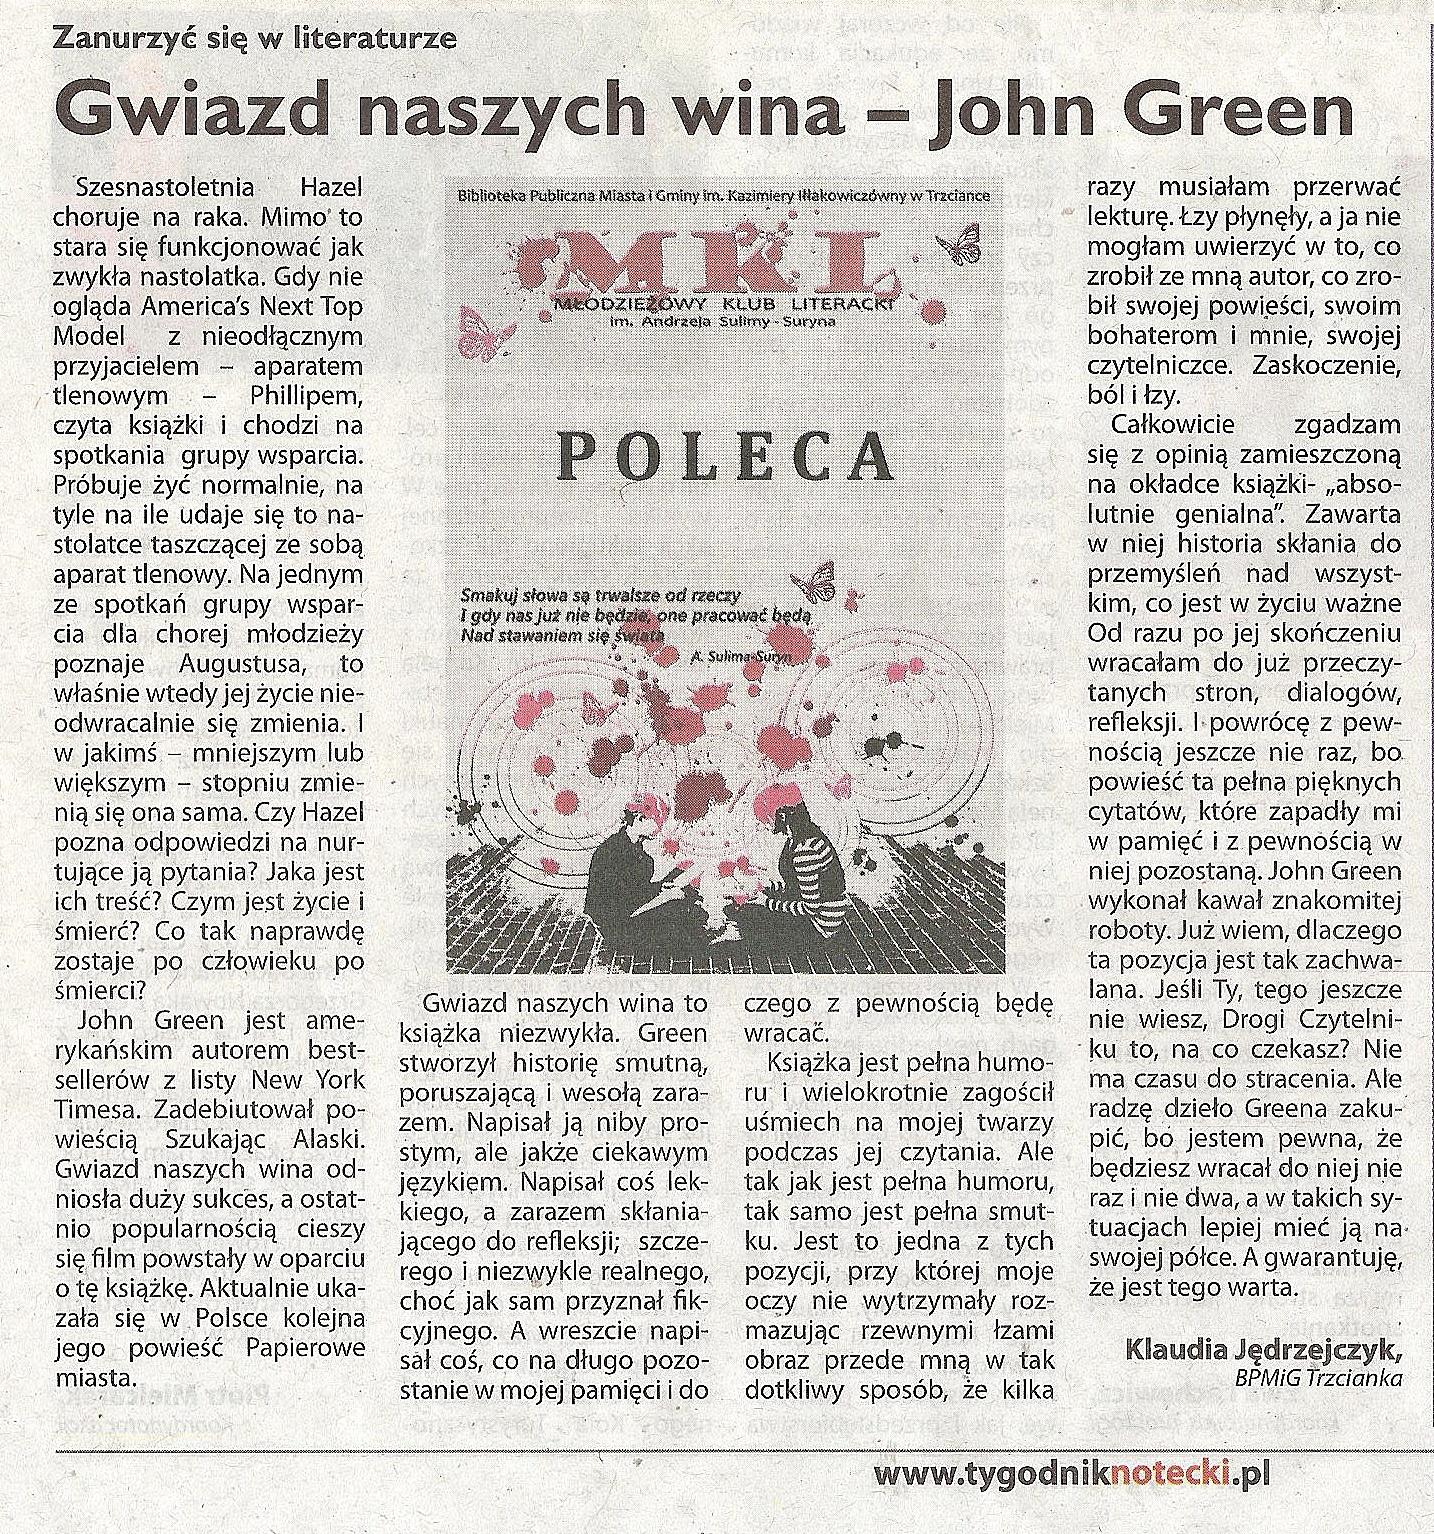 Photo: http://szeptksiazek.blogspot.com/2013/05/gwiazd-naszych-wina-john-green.html